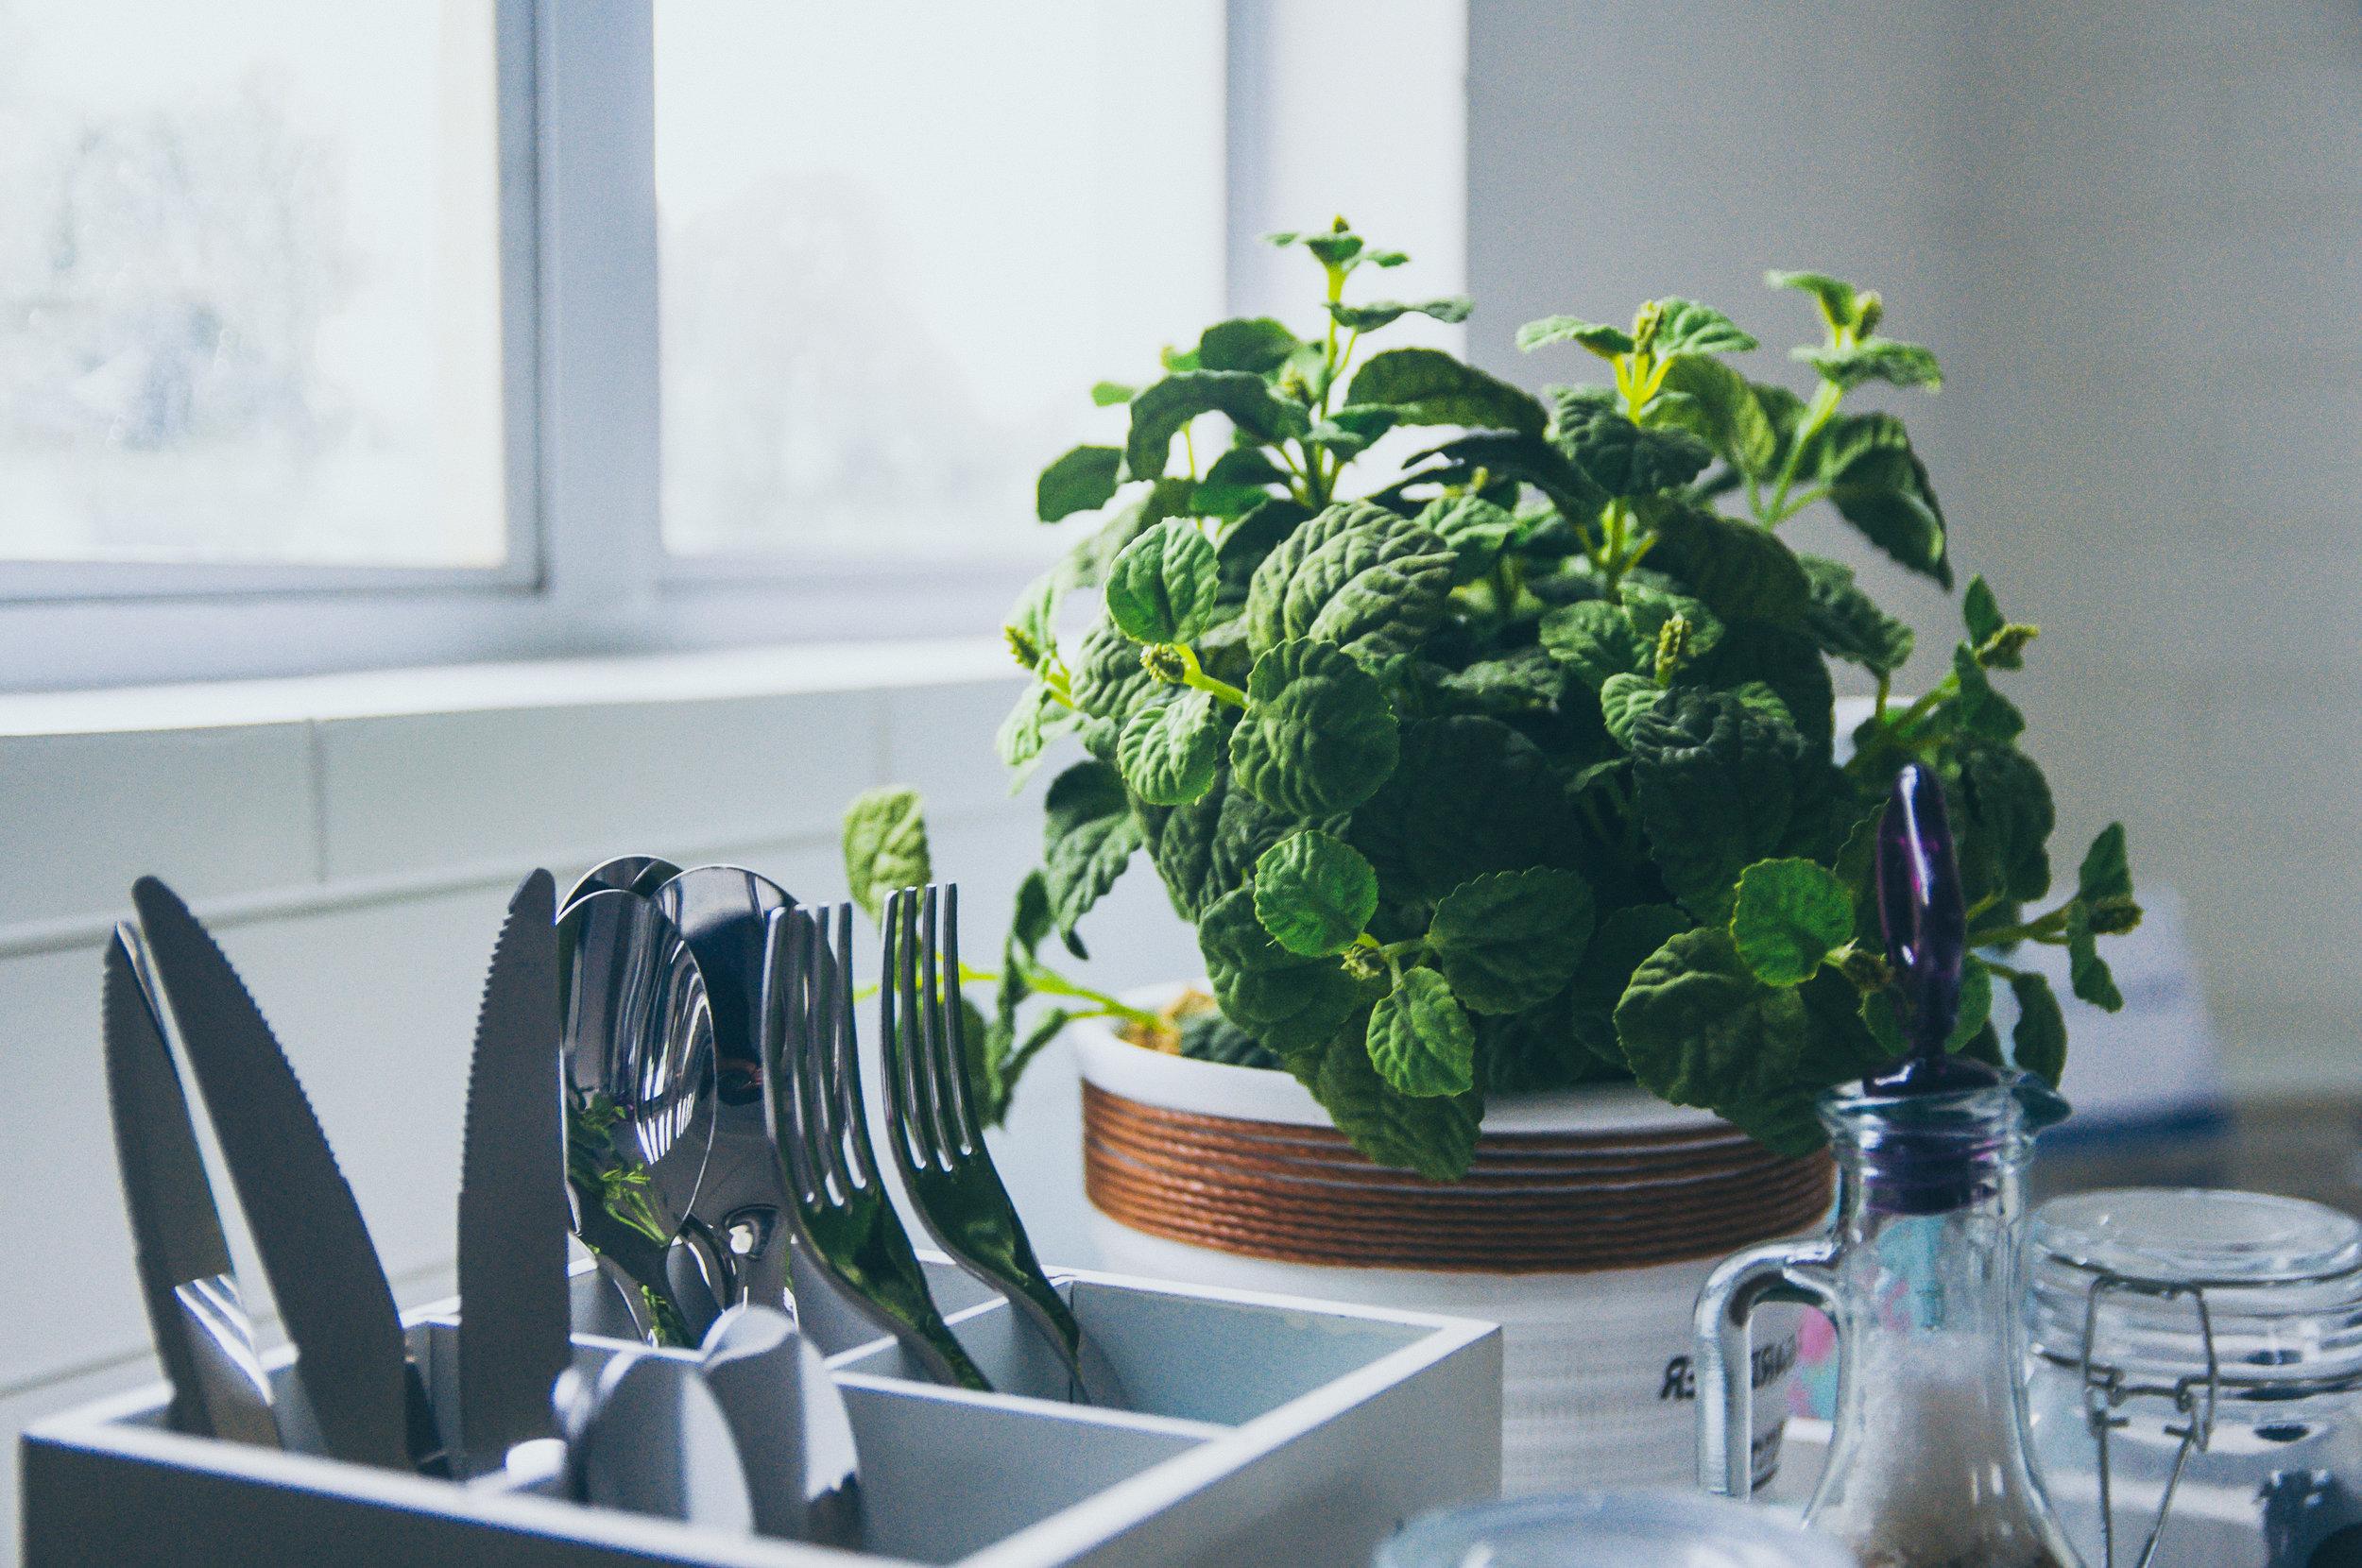 Benefits of Plants Indoors